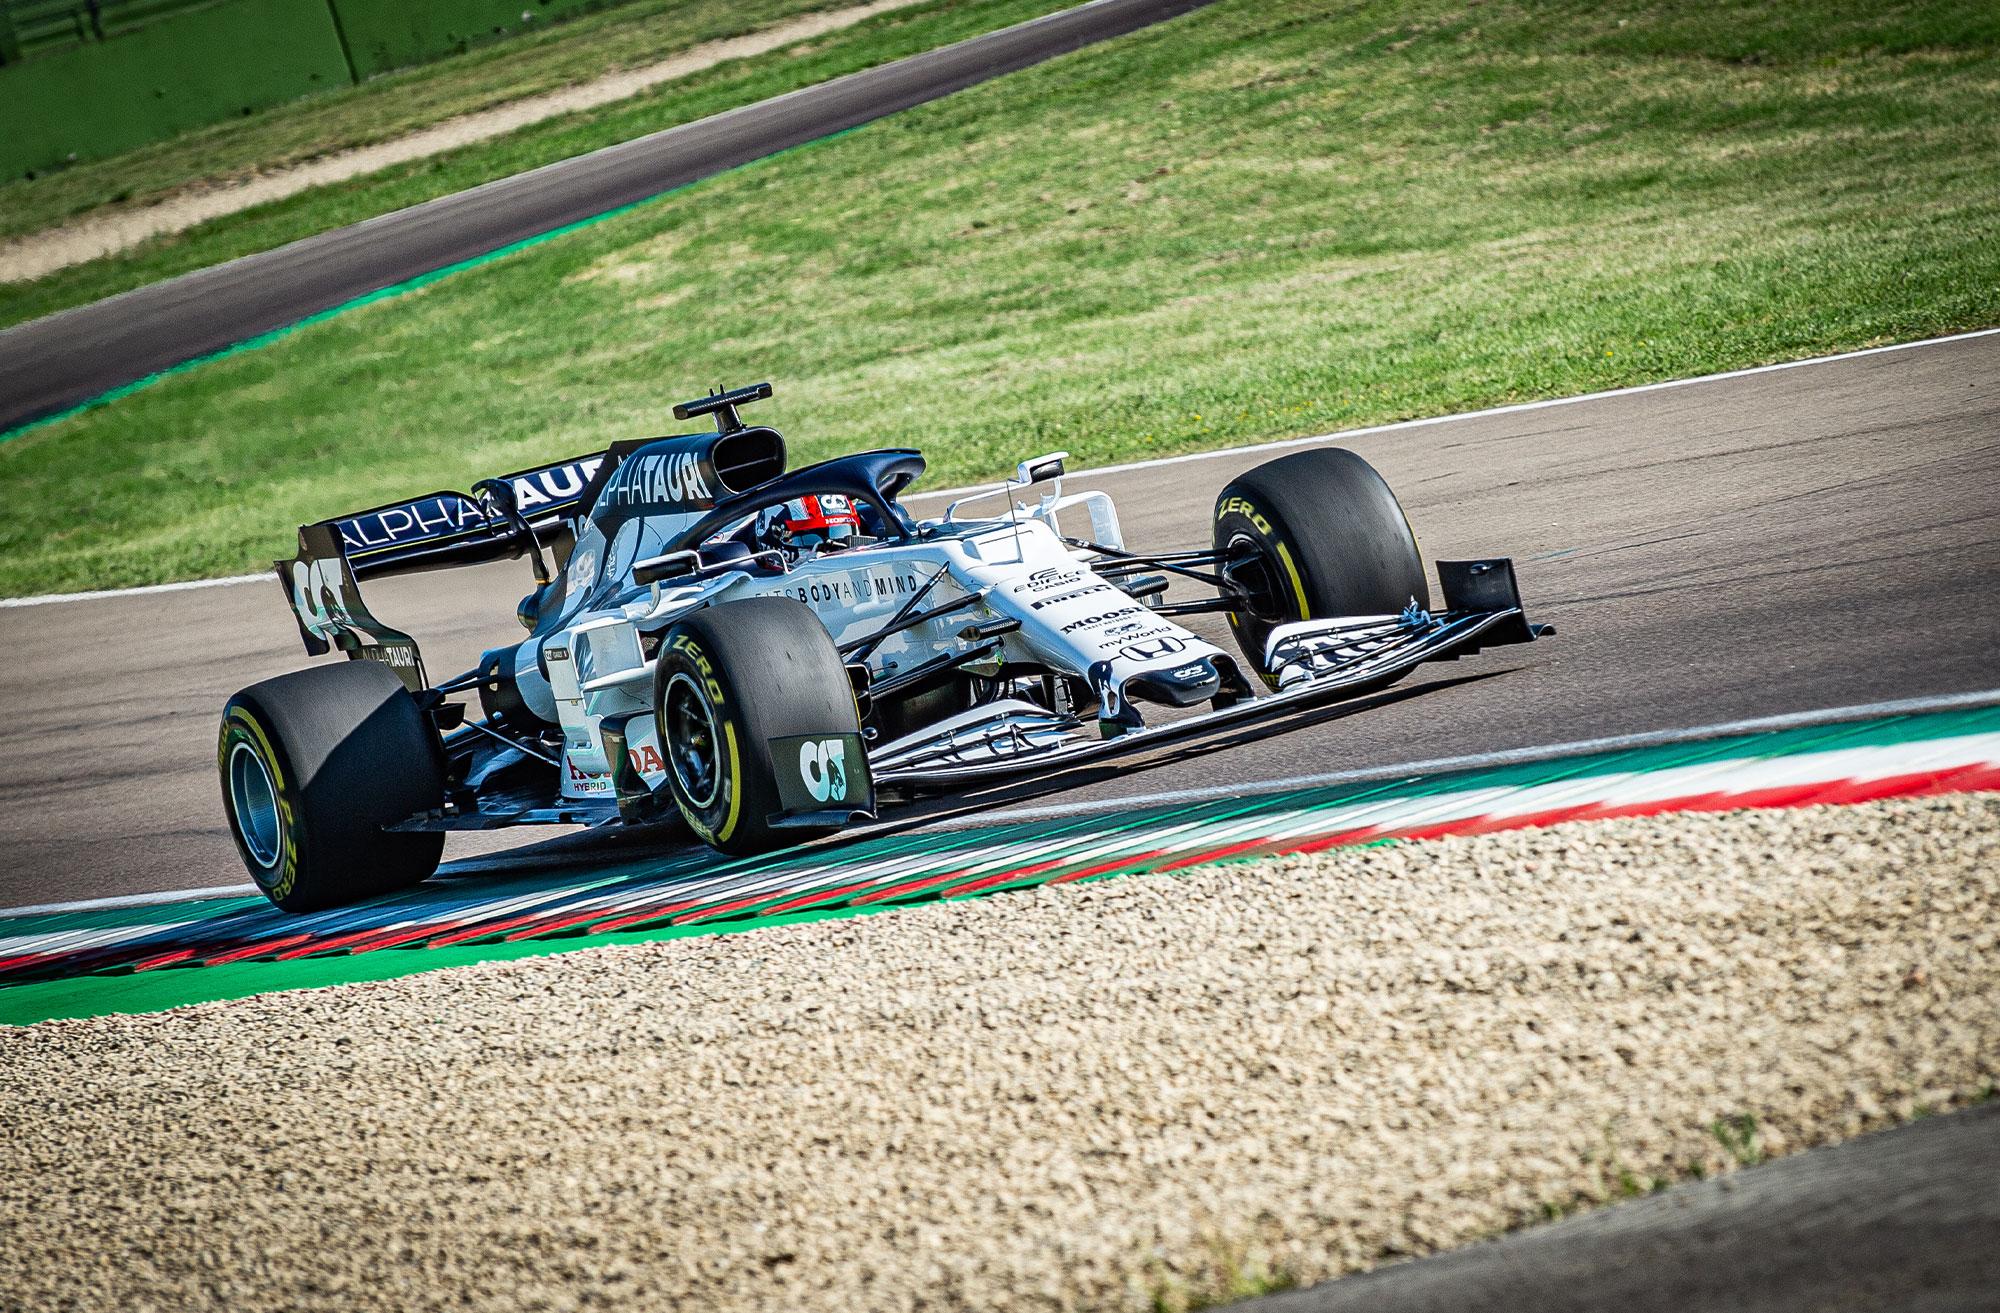 Rendkívüli lesz az F1 imolai hétvégéje